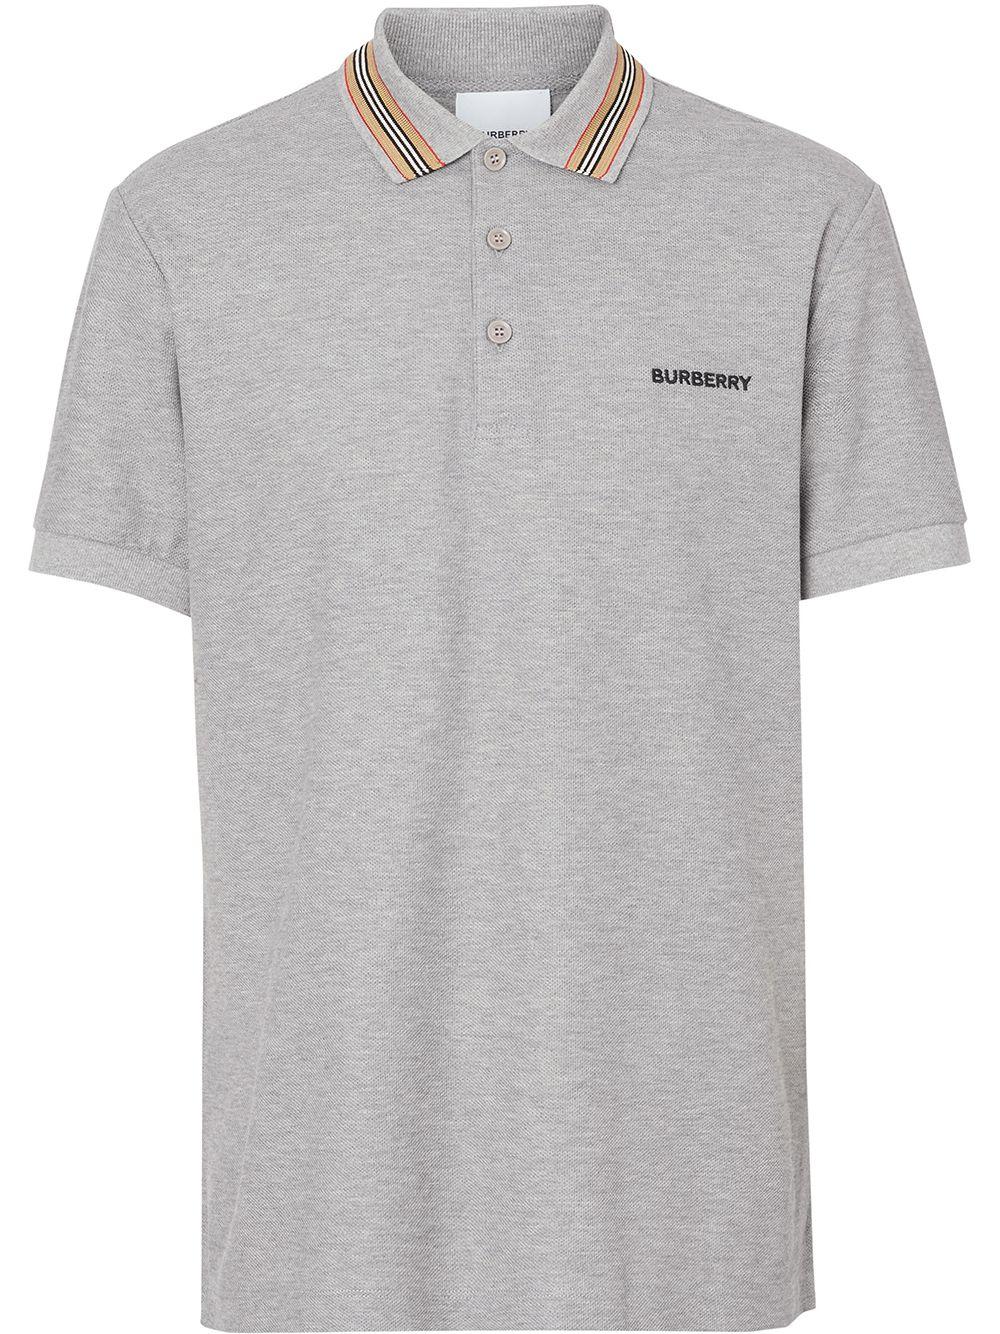 Burberry Poloshirt mit Logo-Streifen - Grau